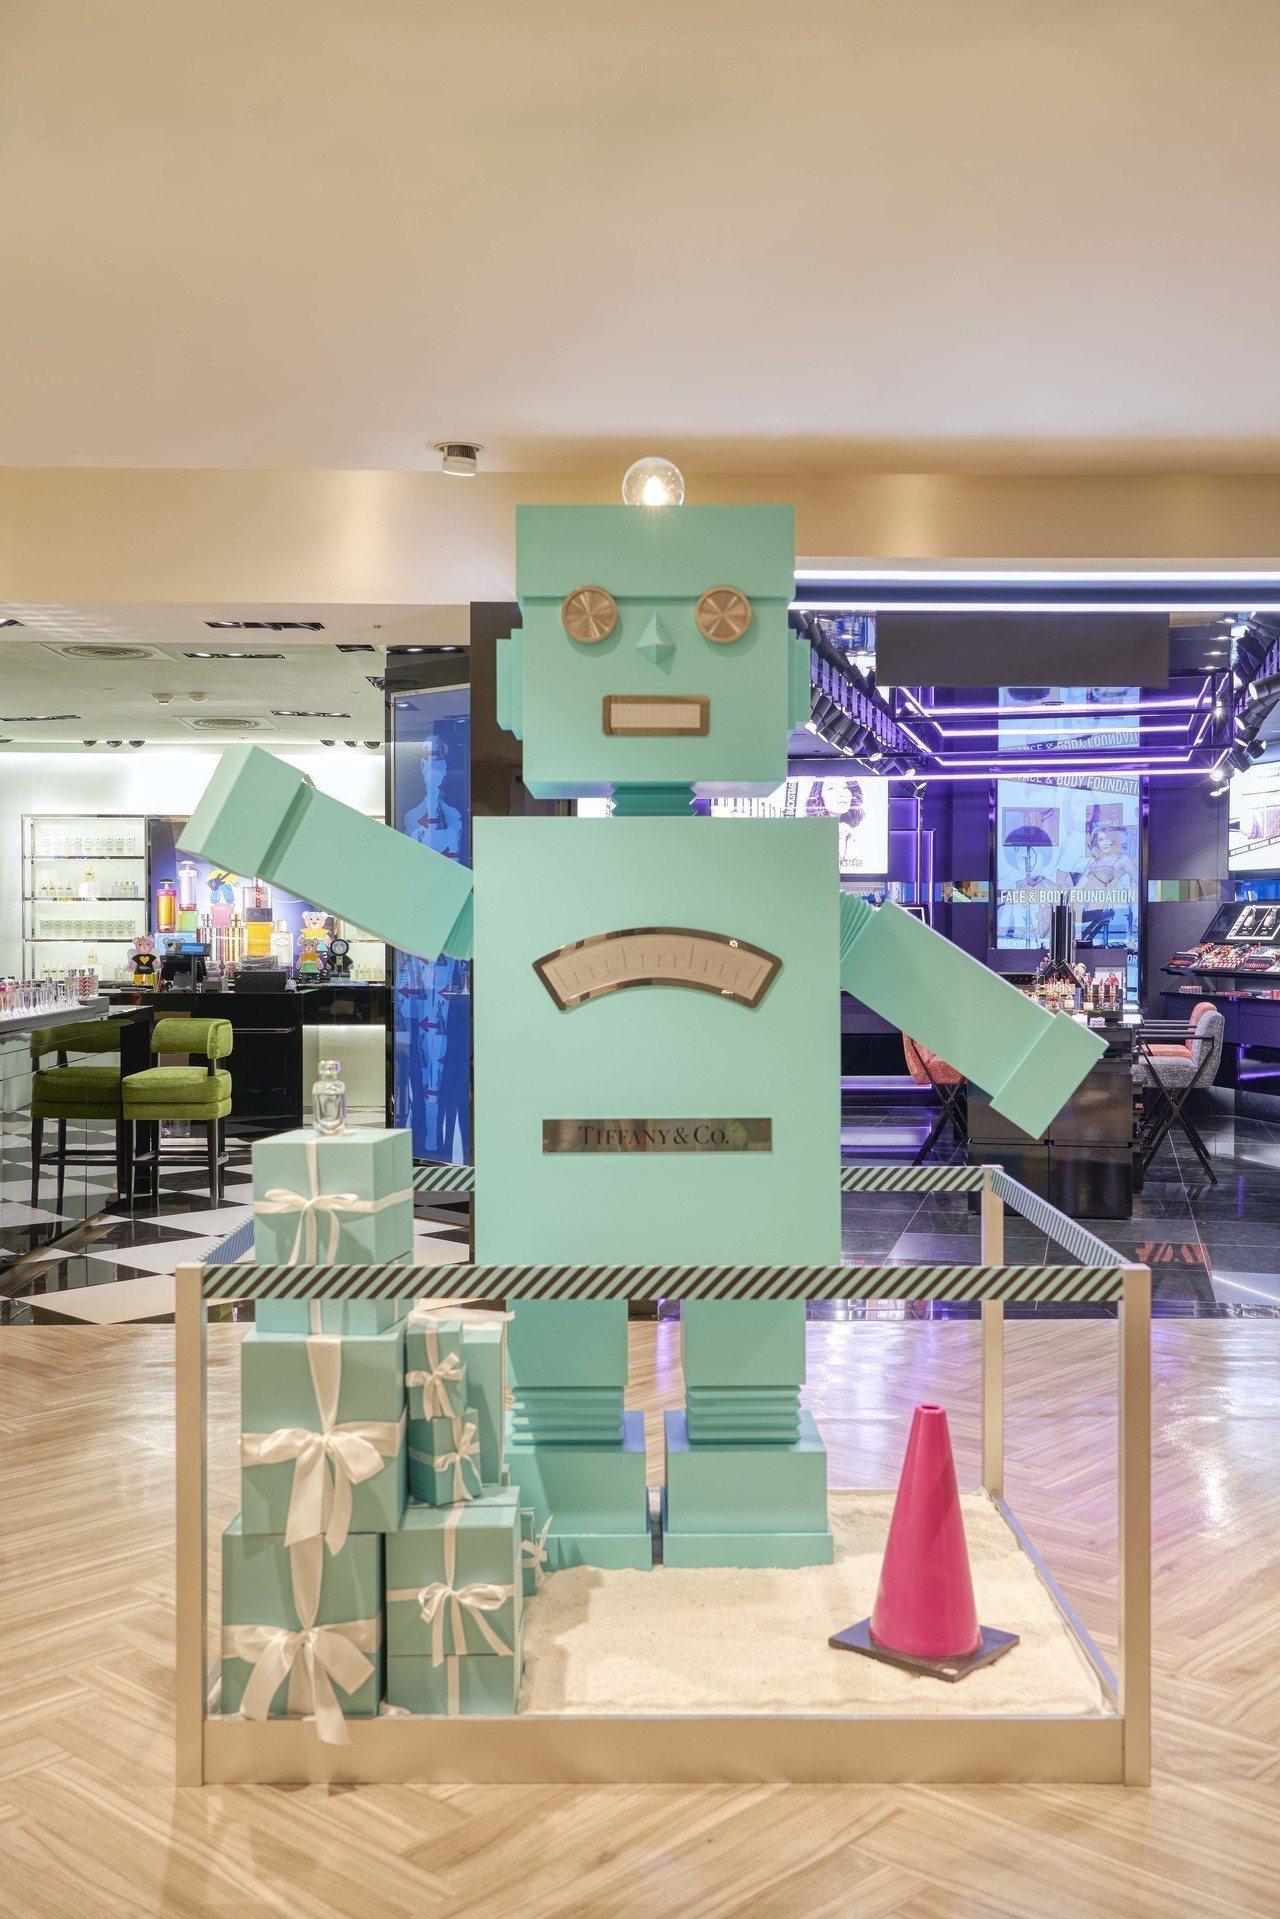 今年耶誕節Tiffany & Co.以機器人為主題,打造出1:1的巨型藍色機器人...